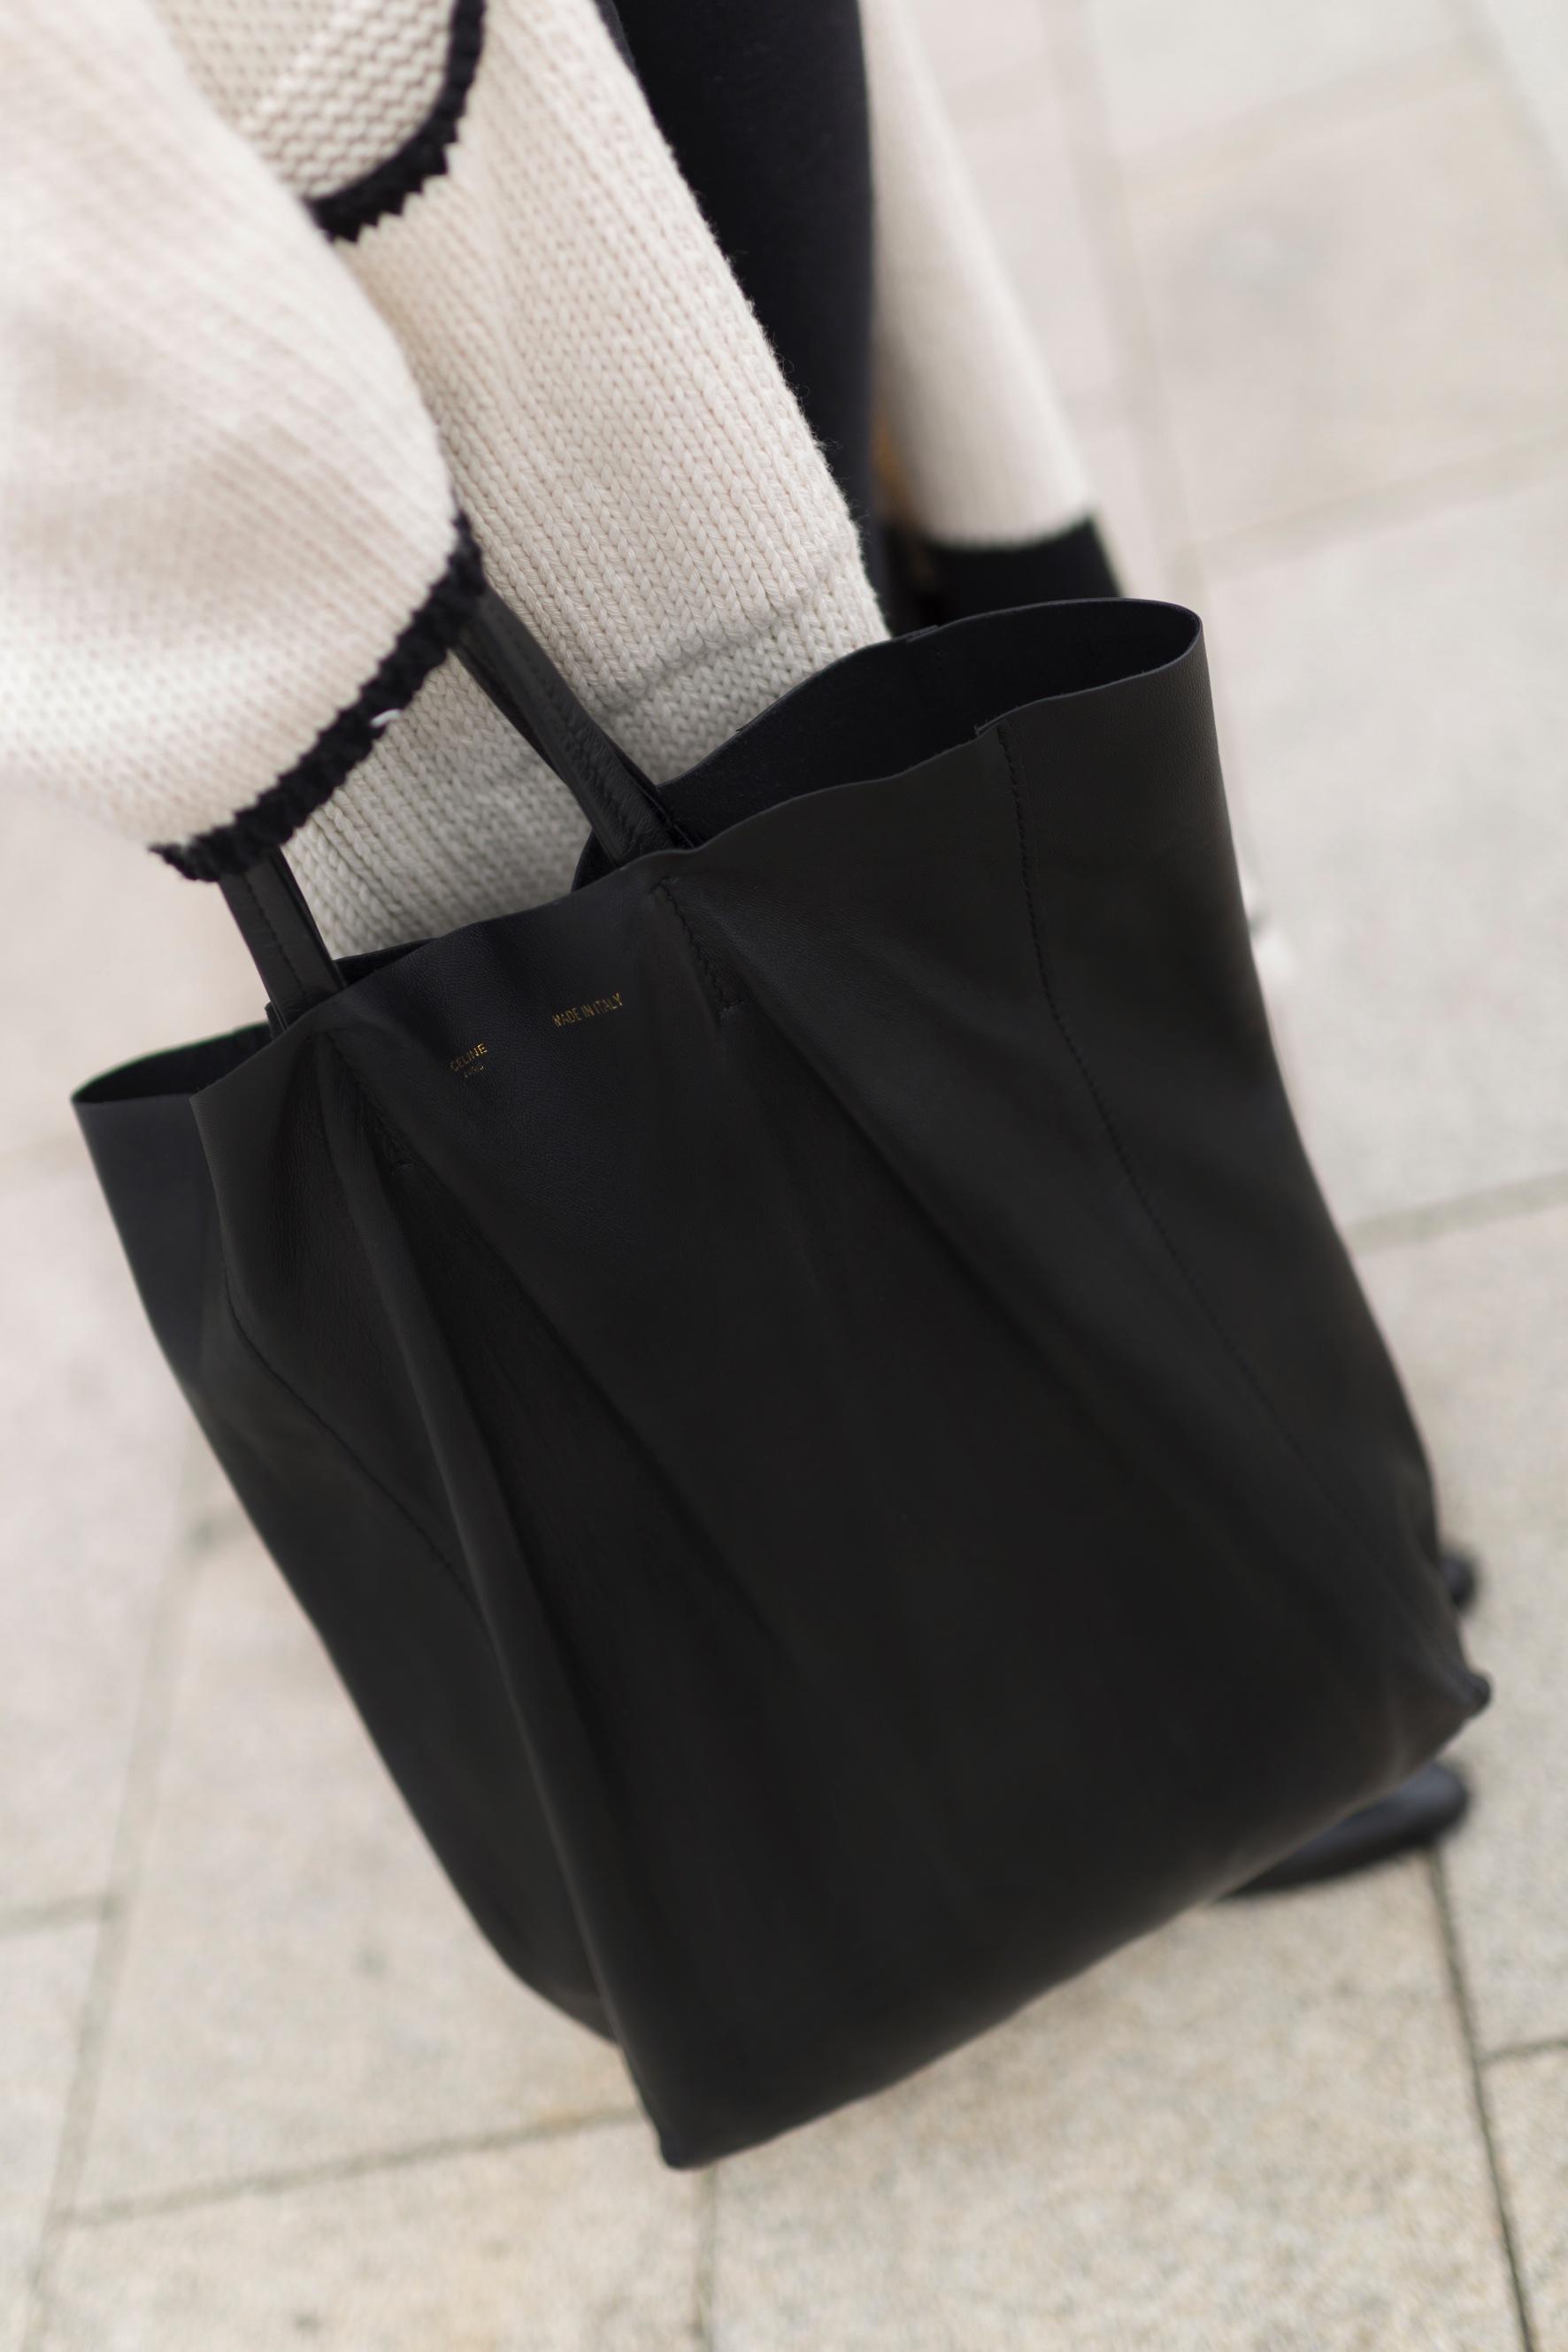 cèline -bag- tote bag- look- coruña- streetstyle- blogger- ootd- descalzaporelparque